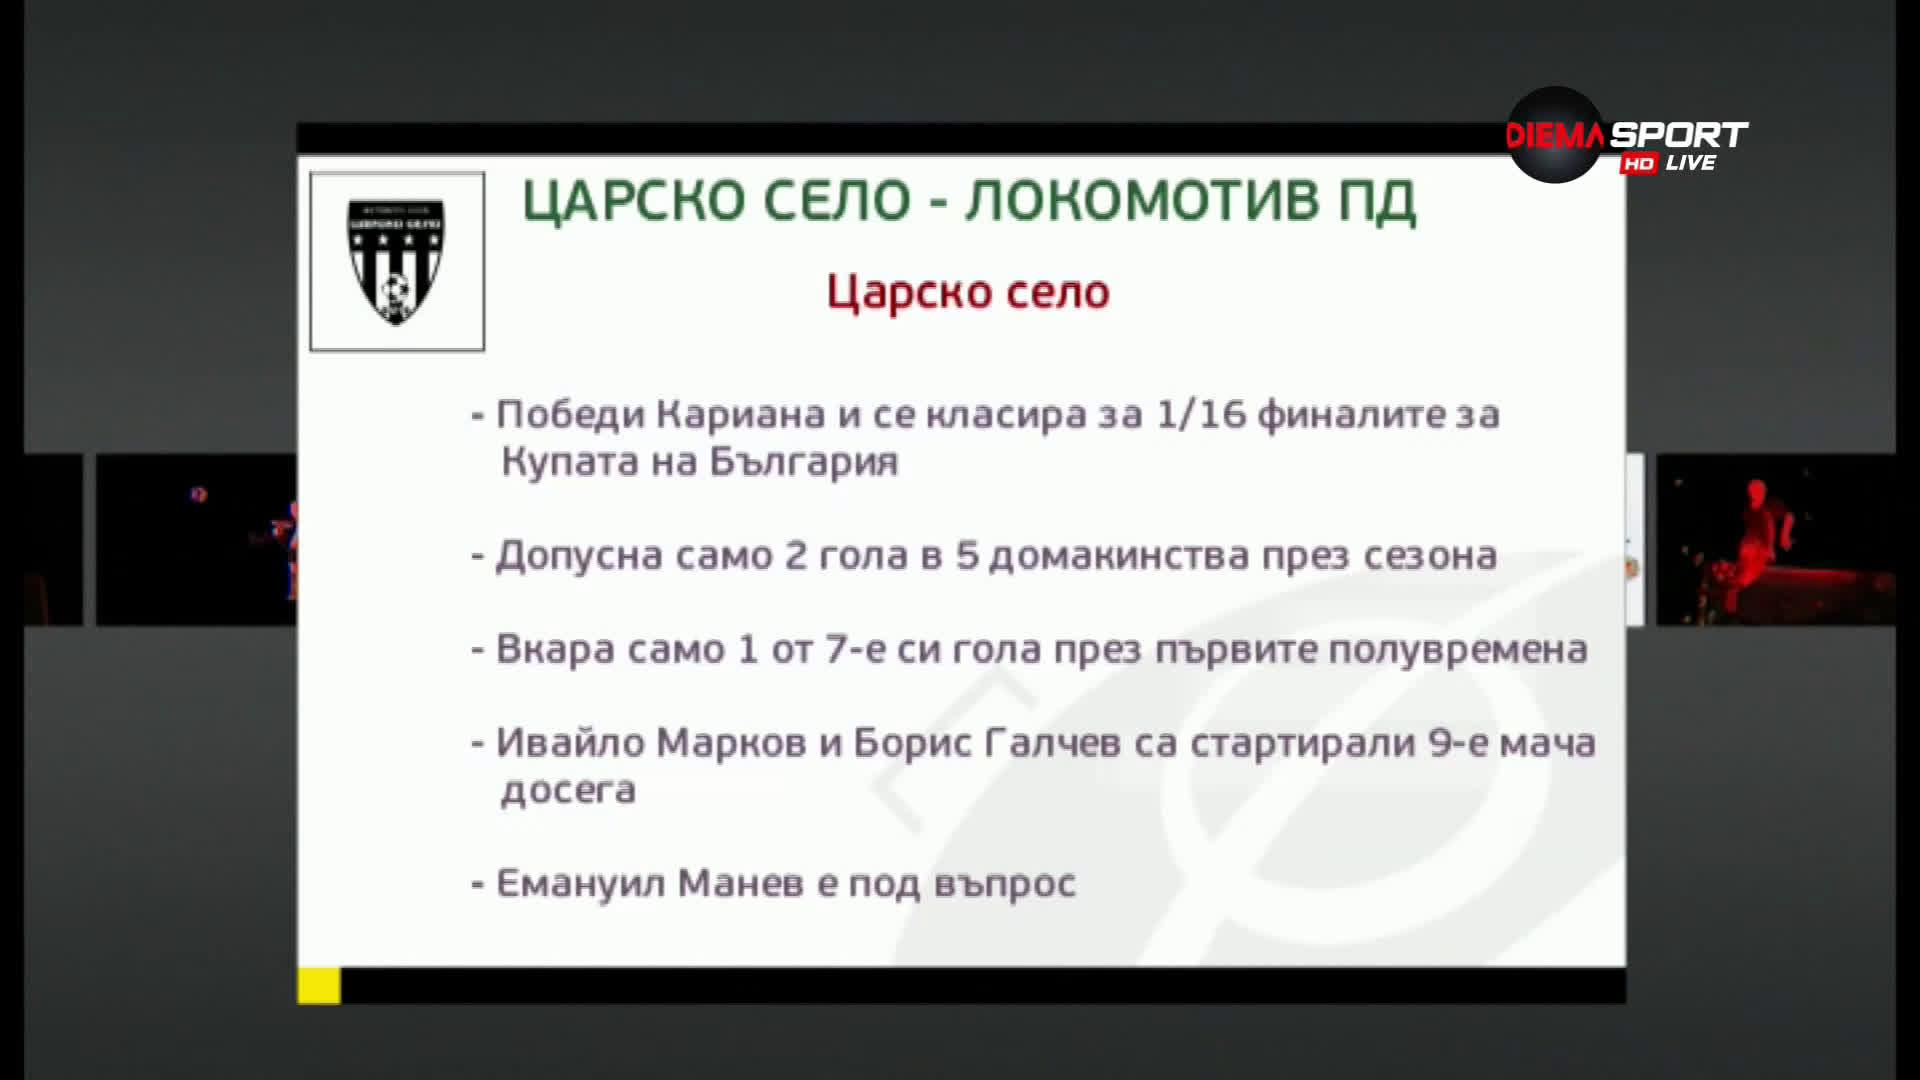 Локомотив Пловдив ще брани върха срещу Царско село